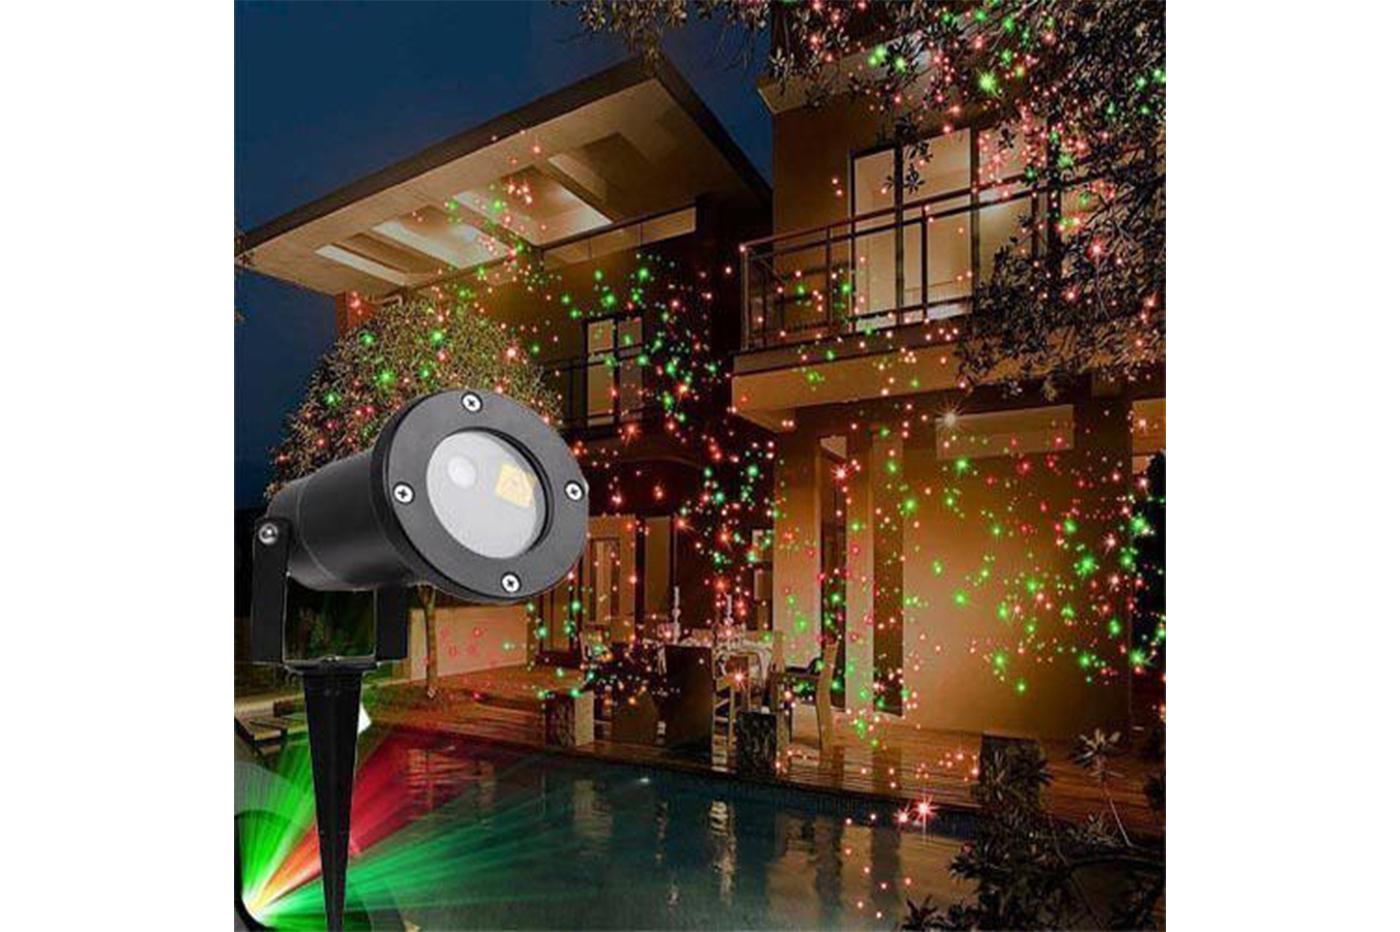 Proiettore Luci Natale Giardino.Proiettore Faro Led Picchetto Puntini Rosso Verde Luci Natale Giardino Ip44